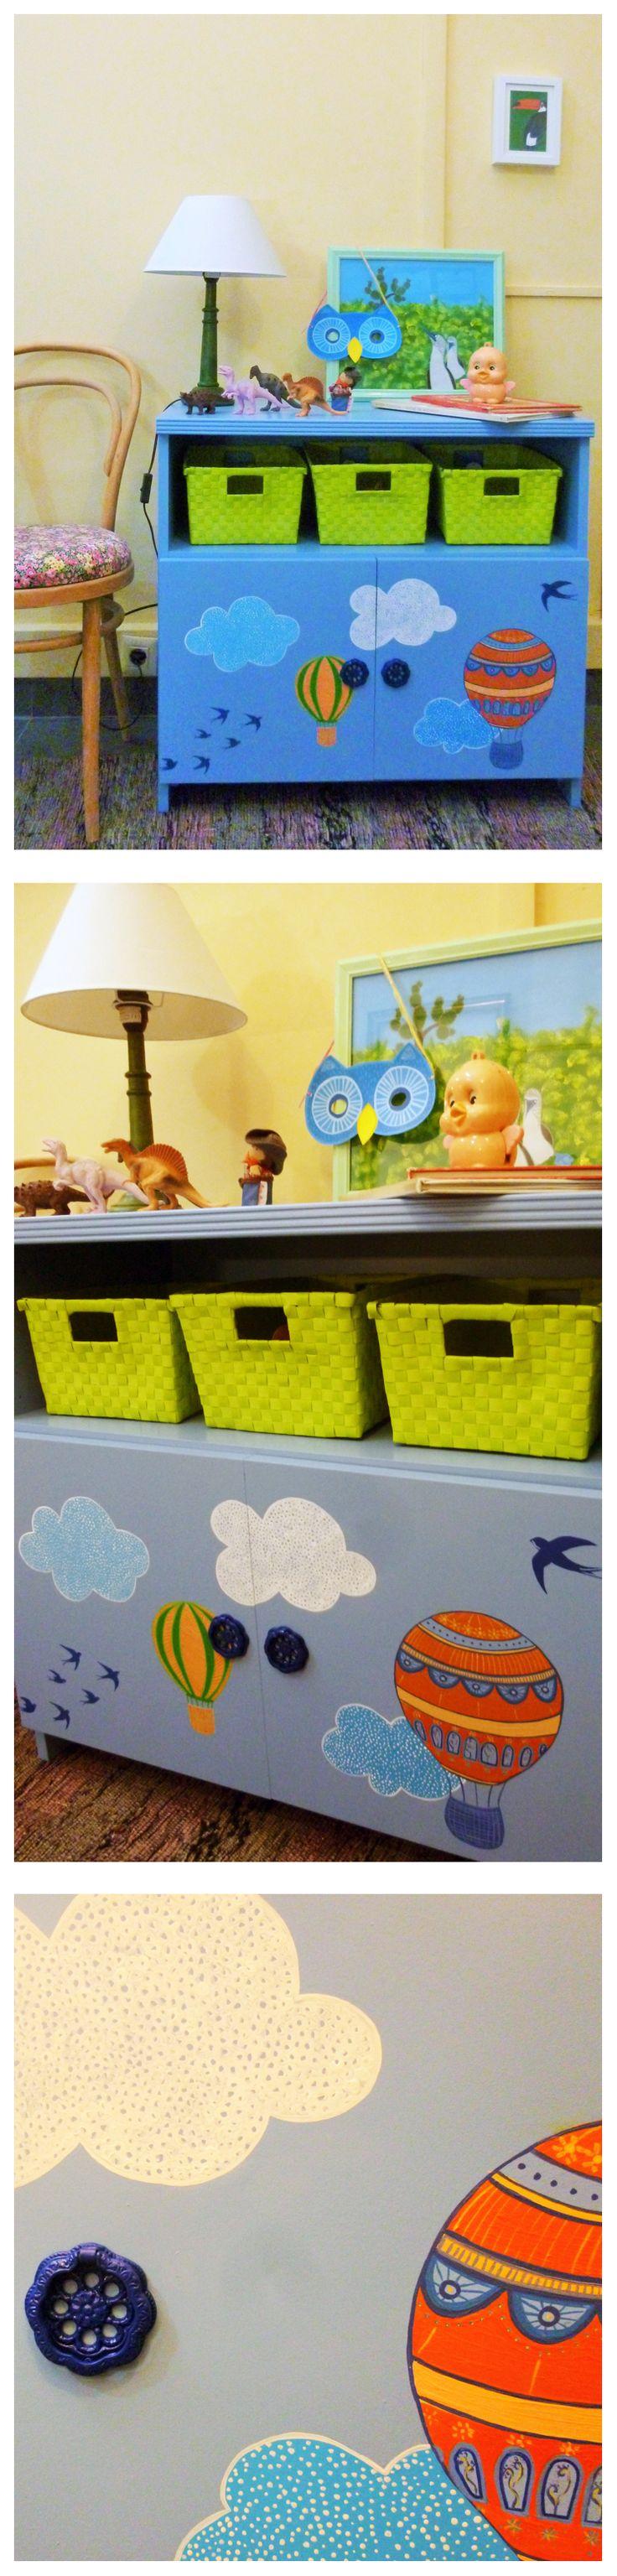 Còmoda infantil, lacada en blau cel i decorada amb acrílics. Tiradors lacats en blau ultramar. Dimensions:  Ample: 80 cm, Fondària: 40,5 cm, Altura: 74,4 cm. 295.00 €